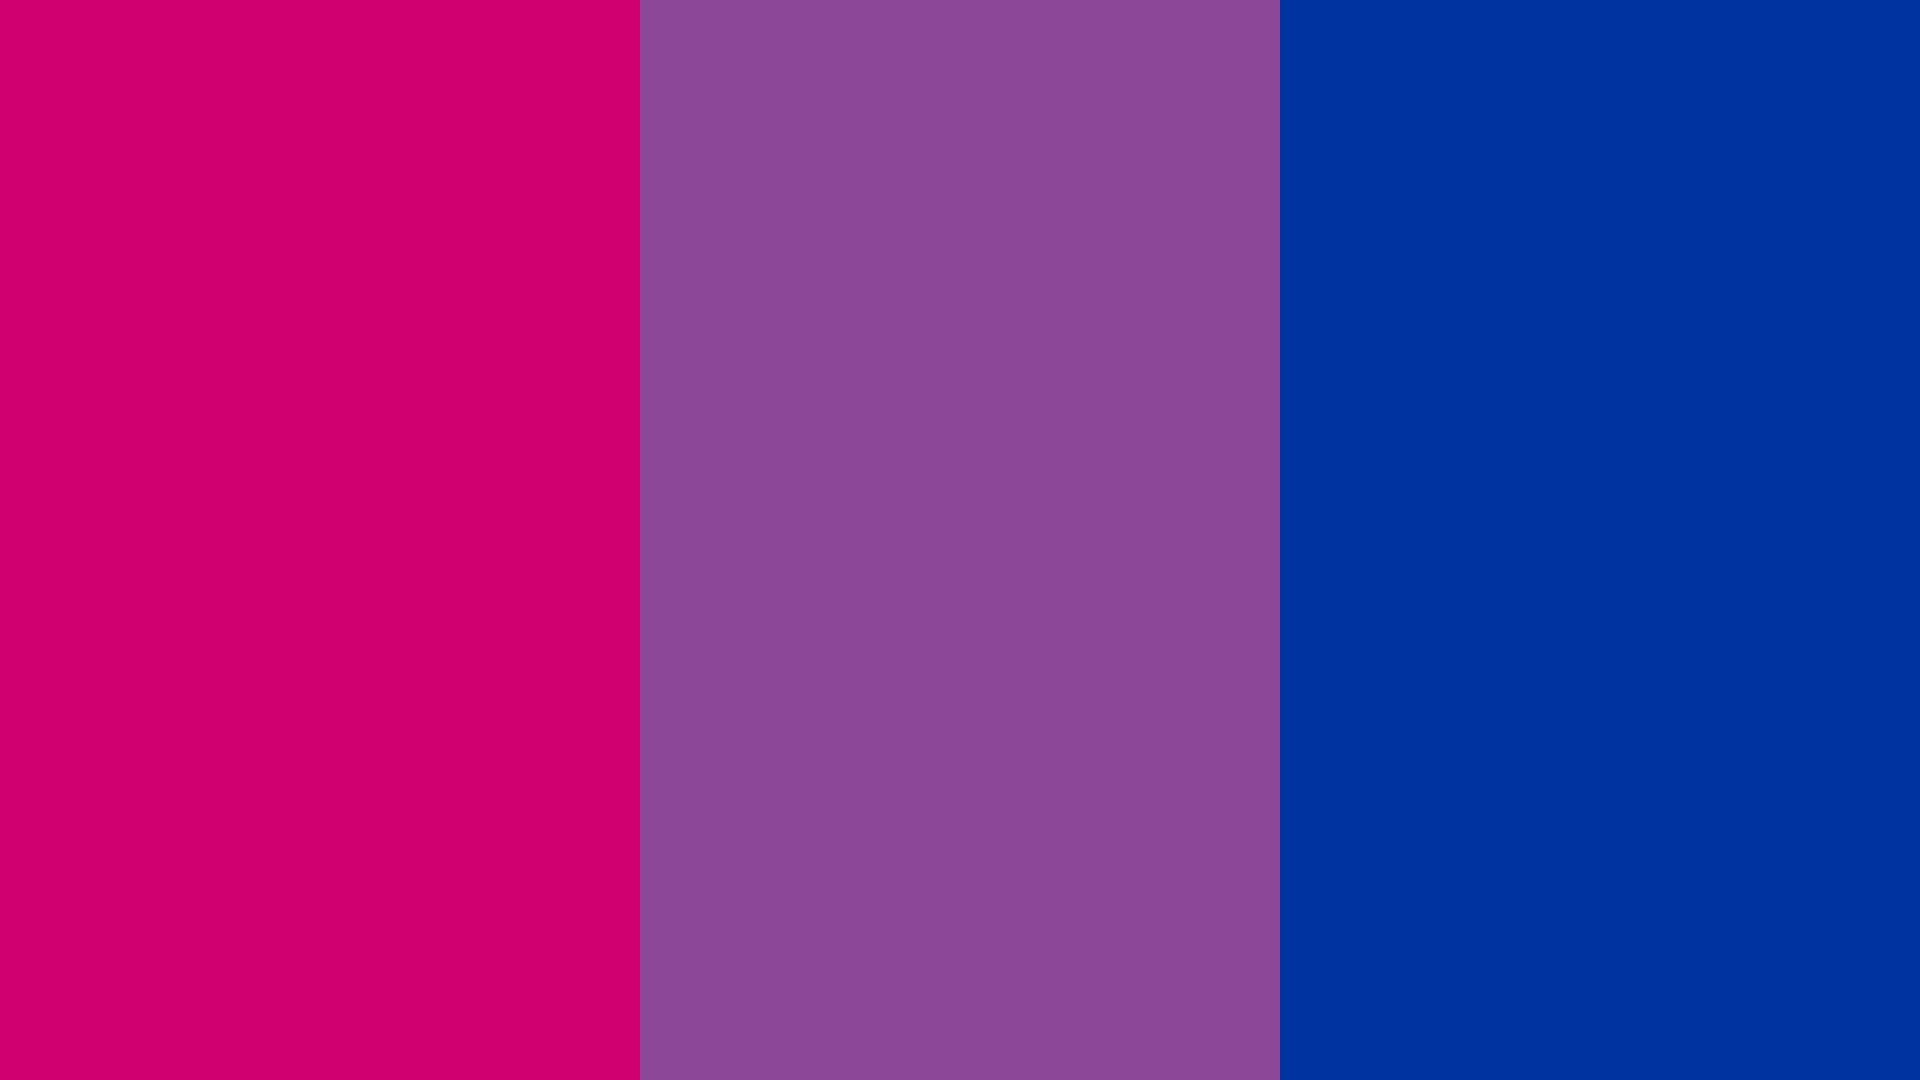 Bisexuality Flag Colors Color Scheme Blue Schemecolorcom